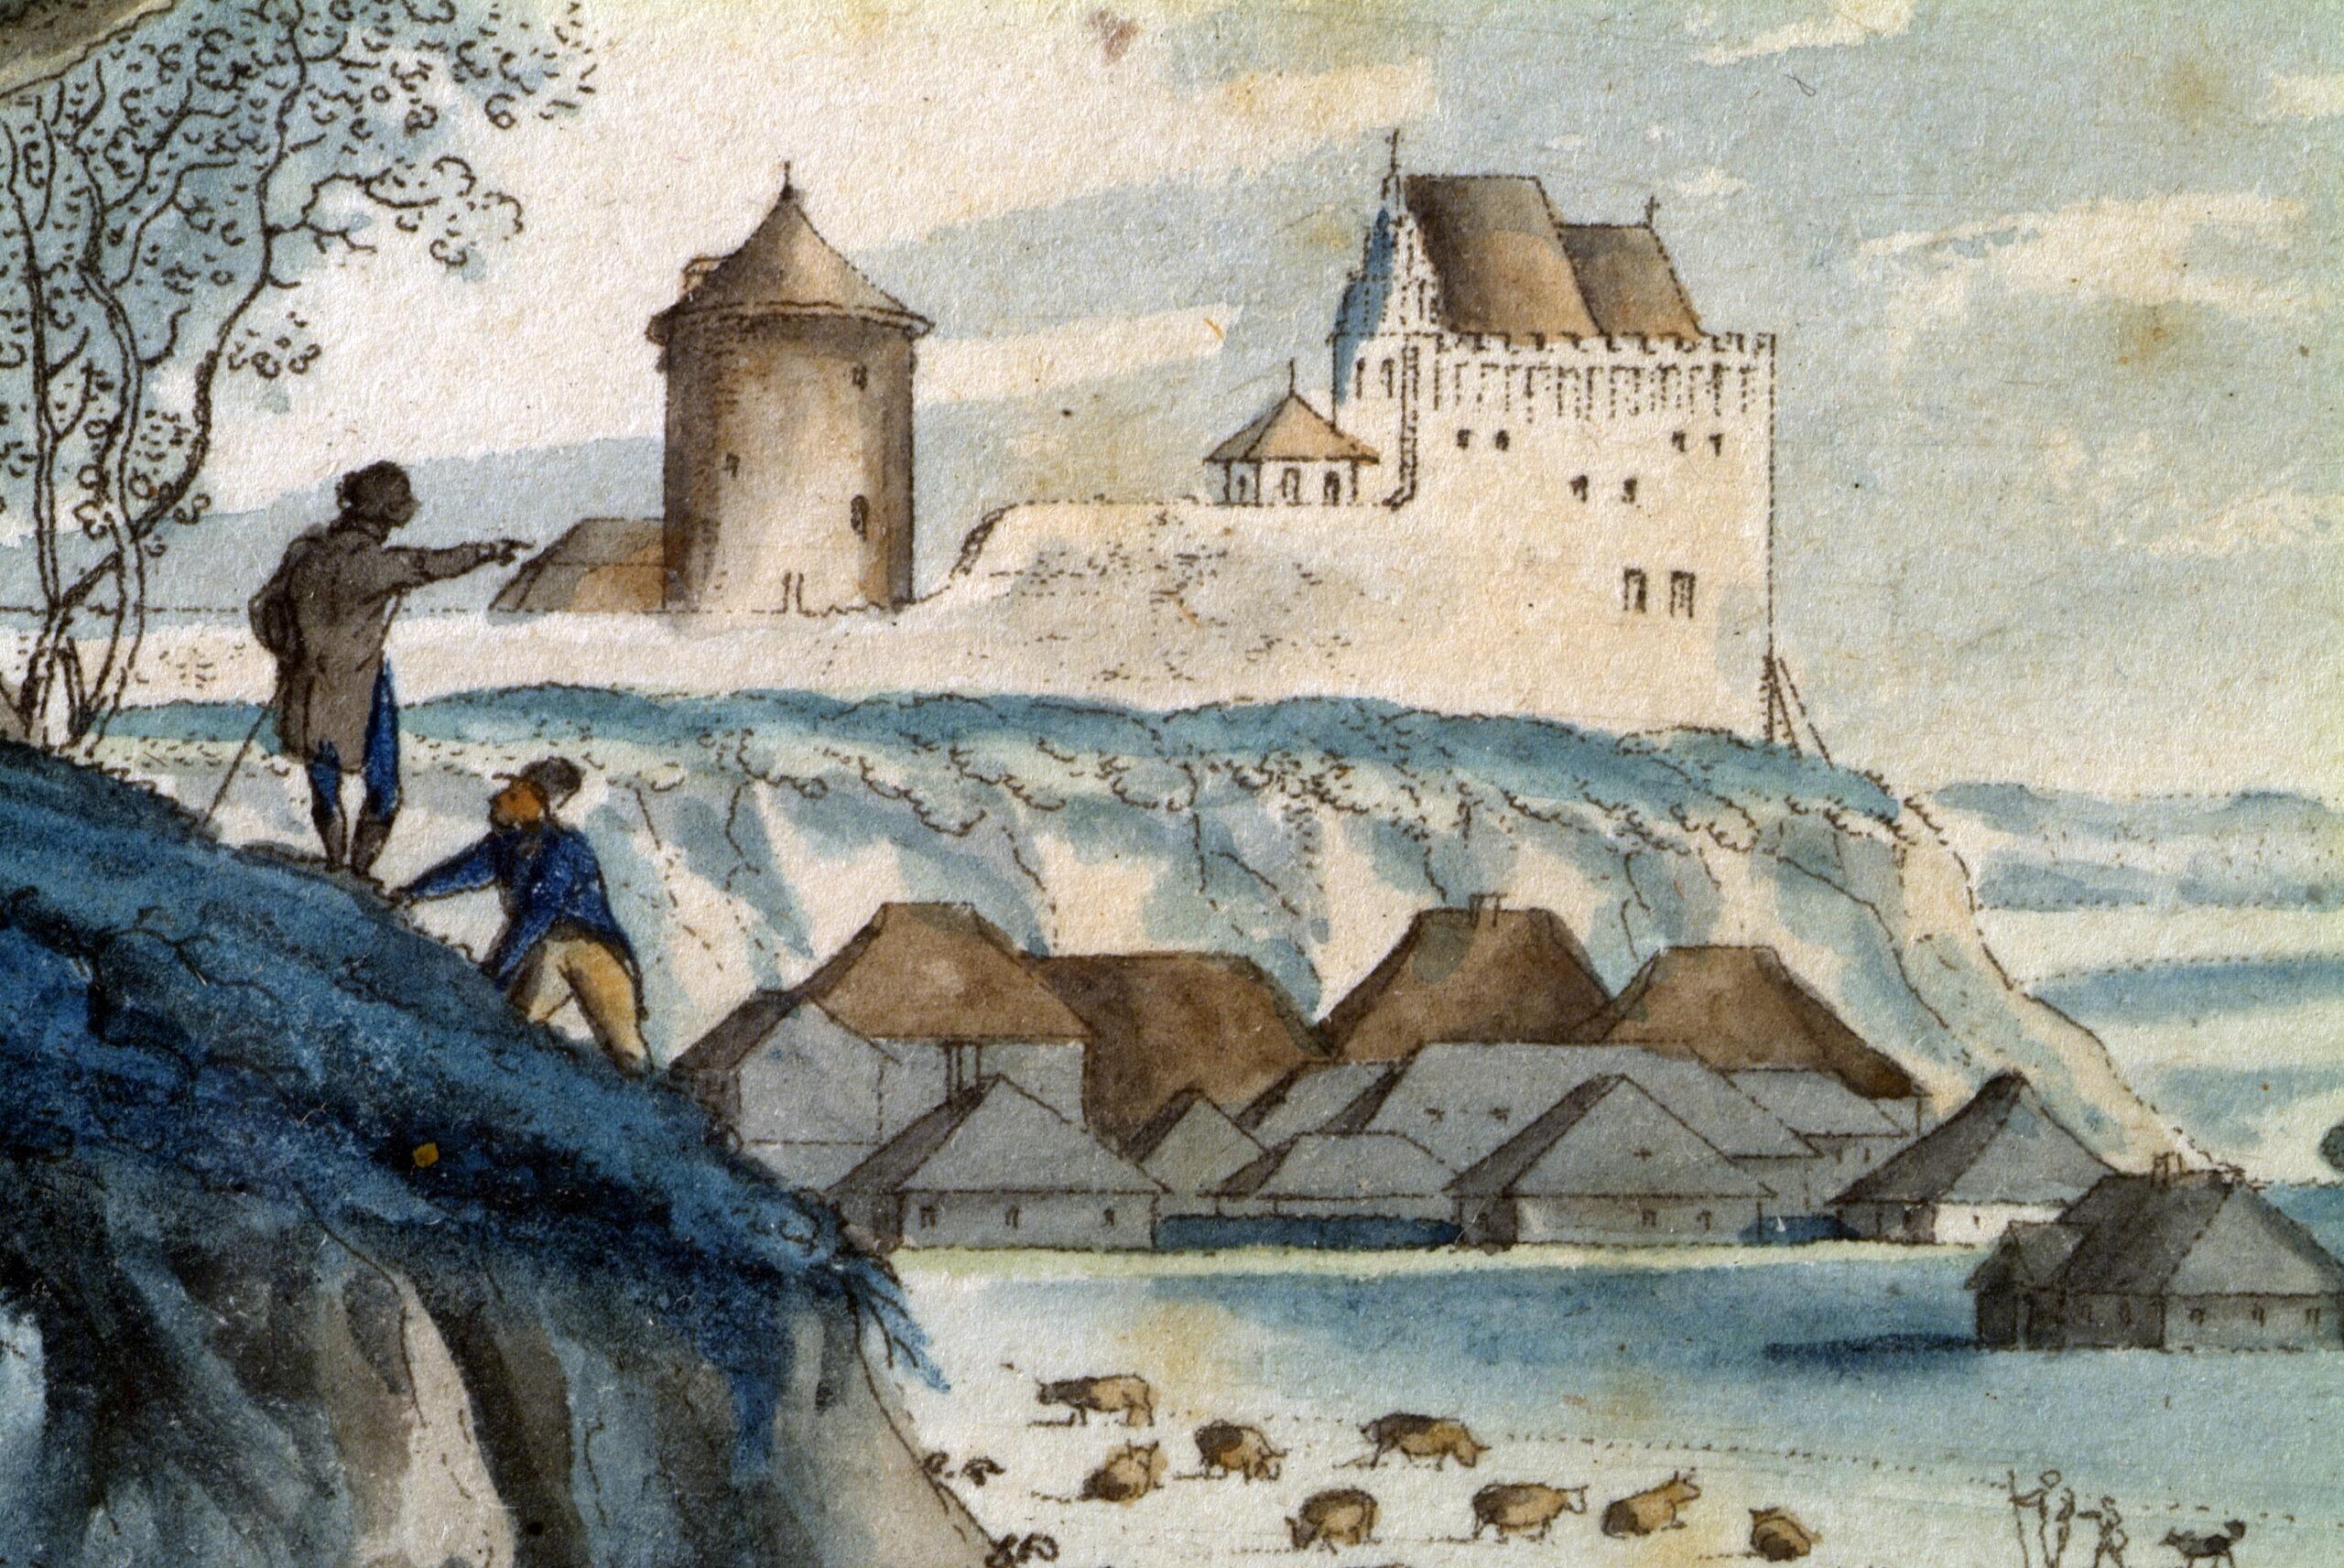 Obraz przedstawiający pozostałości zamku lubelskiego na wzgórzu - kaplicę z fragmentem murów obronnych i wieżę. U podnóża widoczne domy oraz pasące się bydło na łąkach.